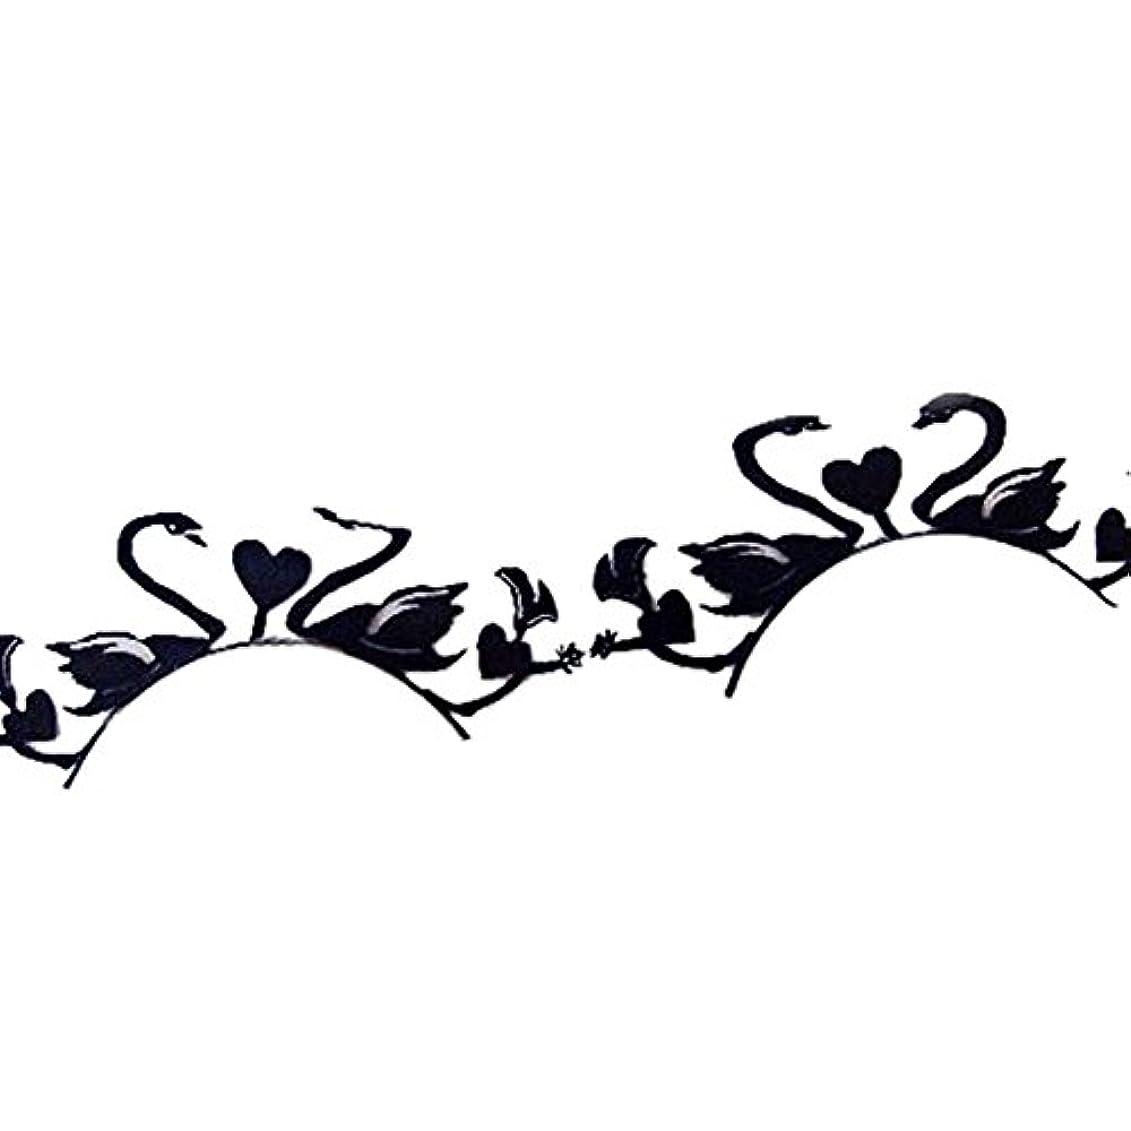 構造的付録実質的花嫁紙カットアートスタイルの紙ステージ白鳥と愛まつげ